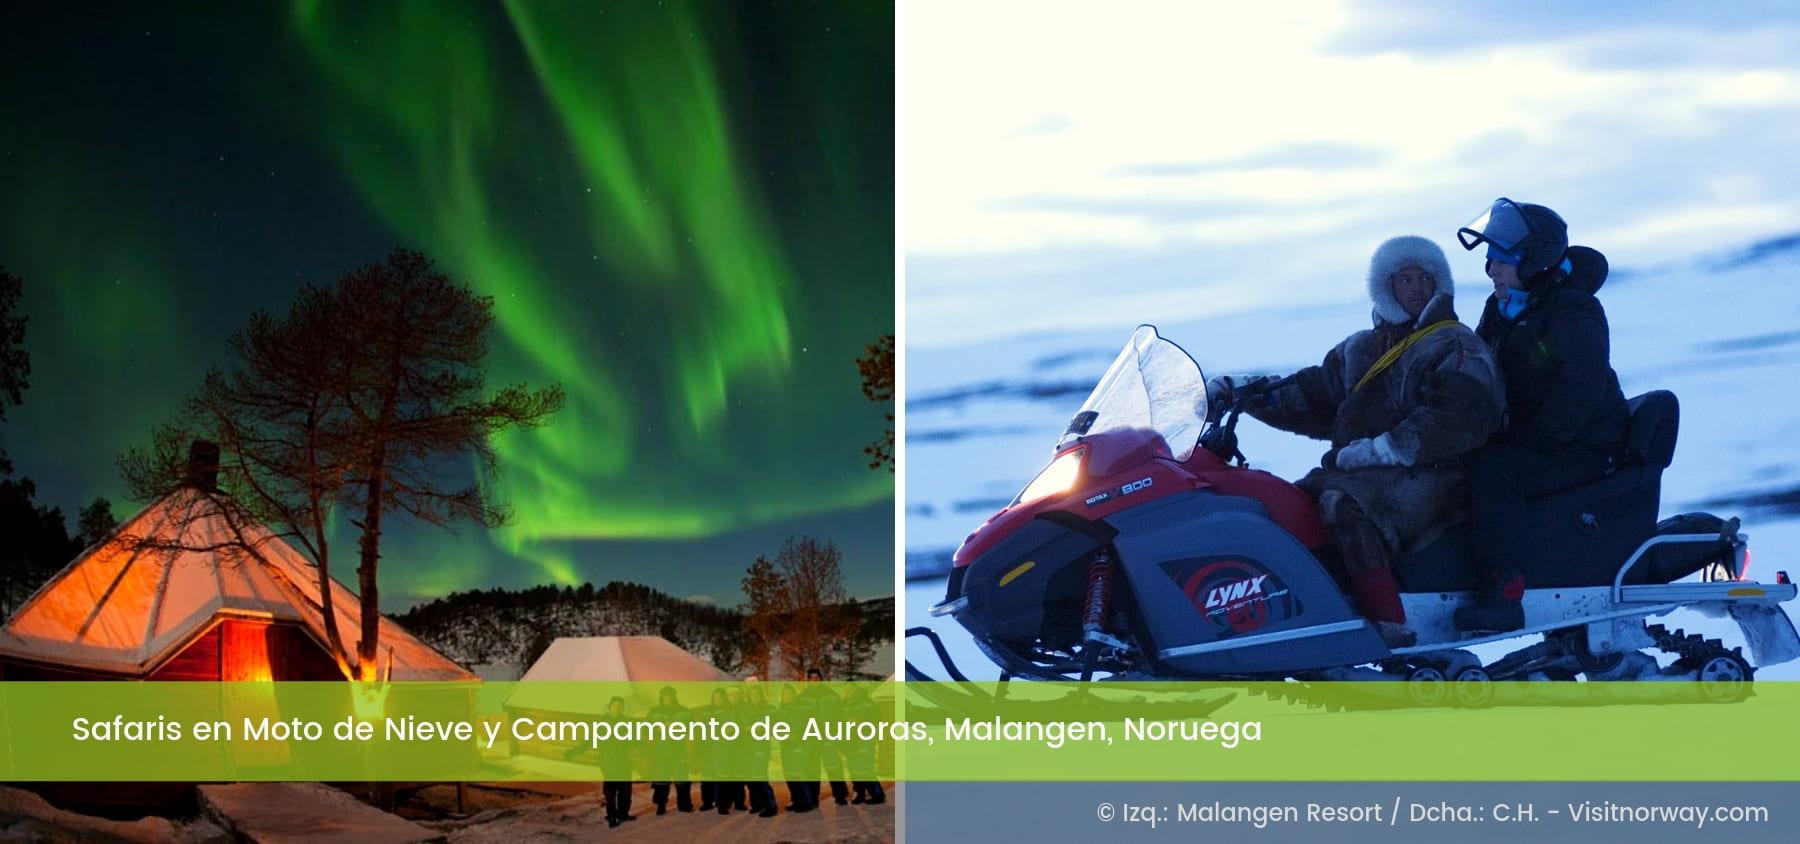 Campamento Auroras Motos de Nieve Malangen Noruega